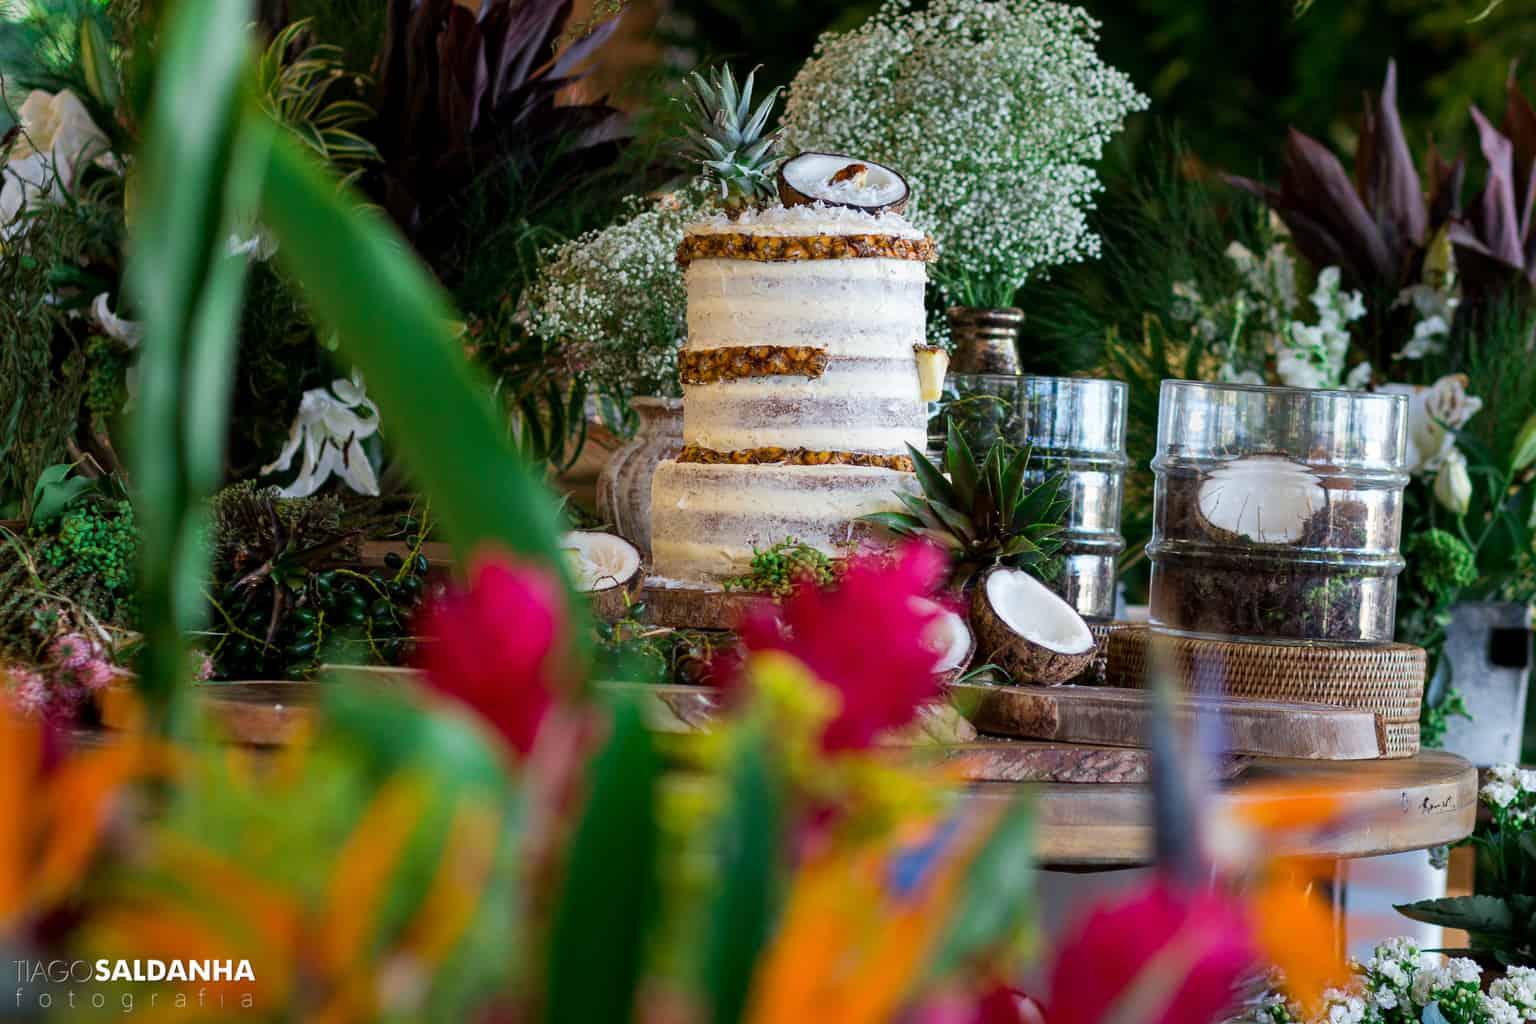 Casamento-Victoria-e-Christian-Fotografia-Tiago-Saldanha47_MG_7986